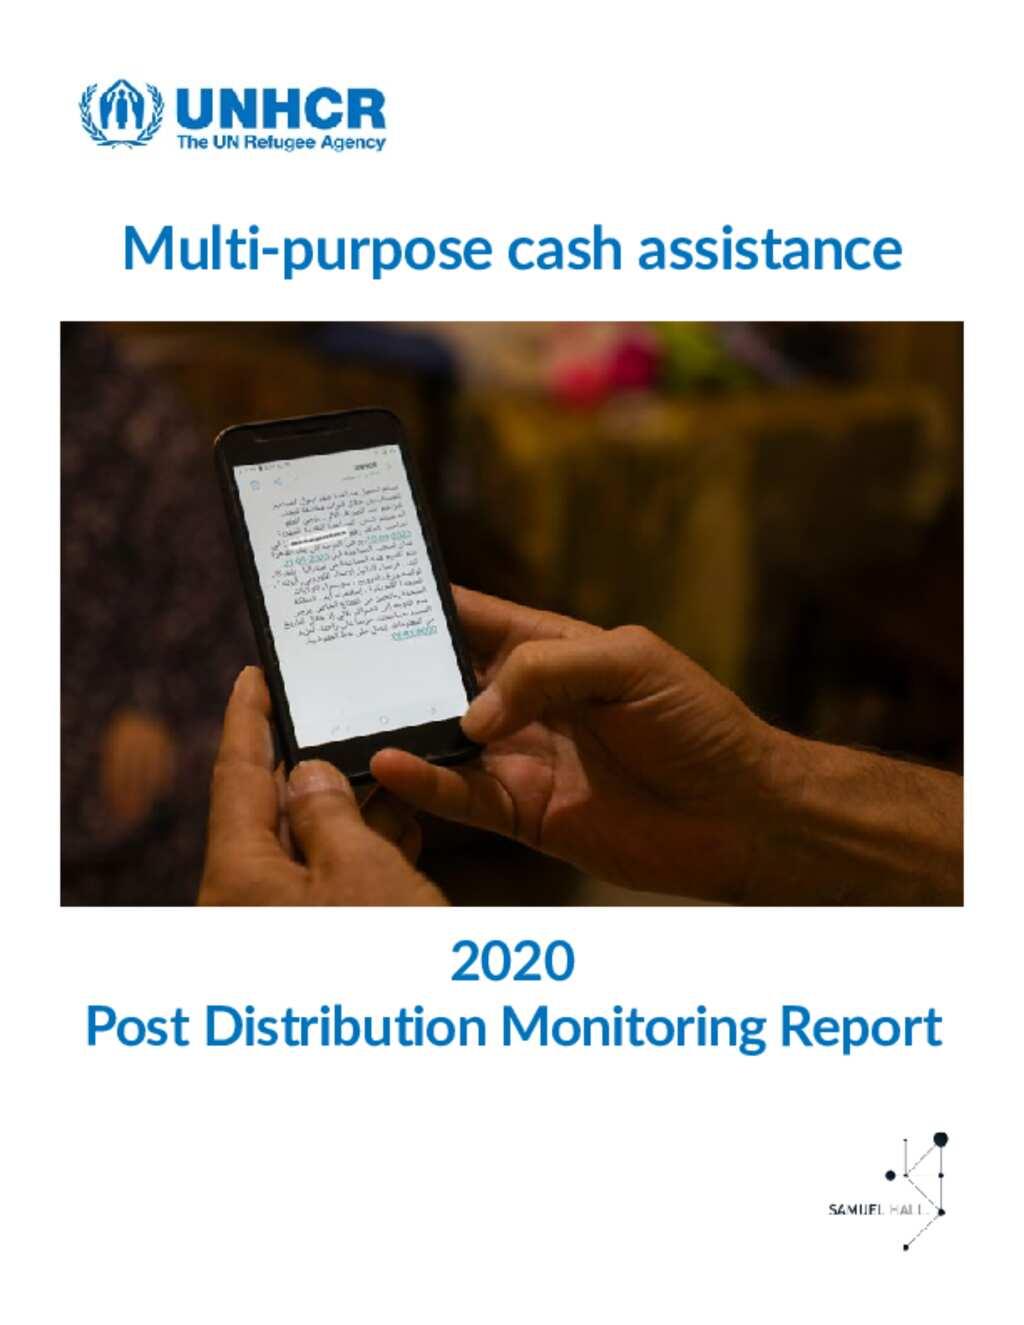 Jordan: Post Distribution Monitoring Report (2020)